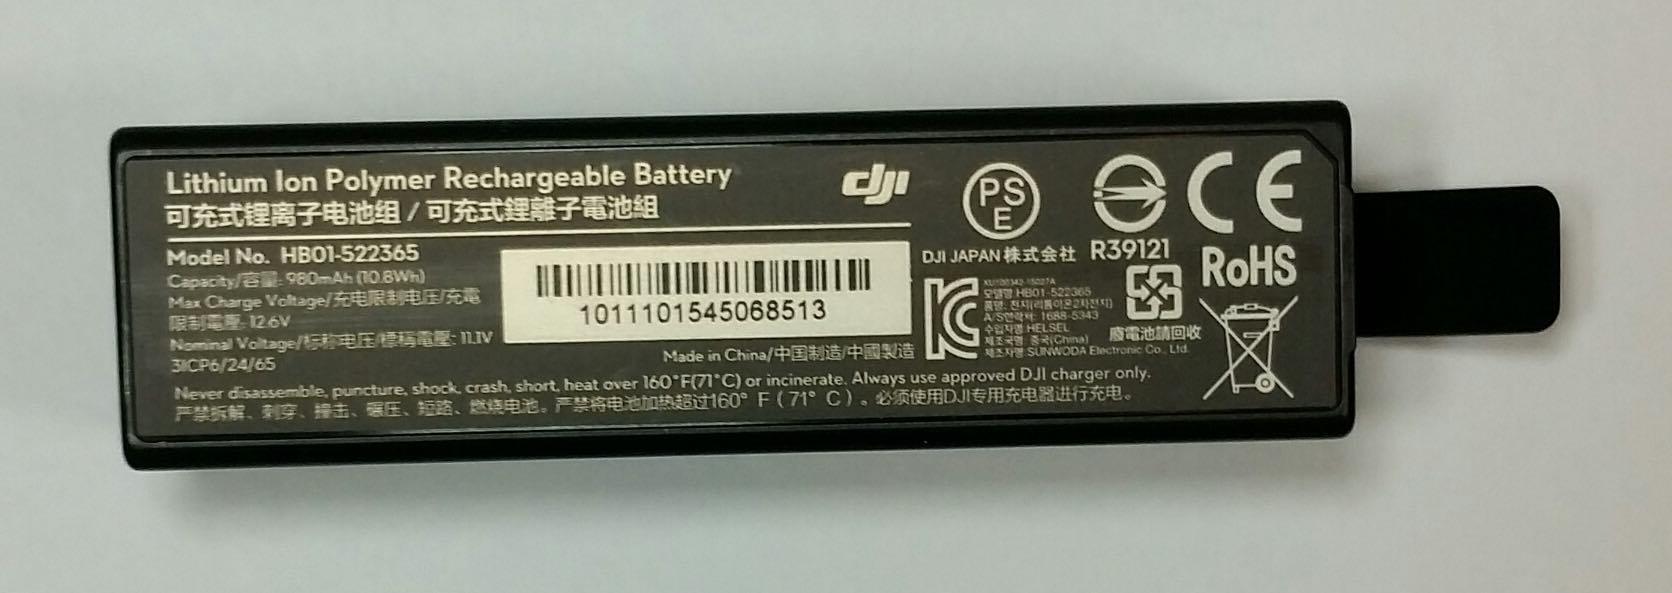 OSMO battery.jpg